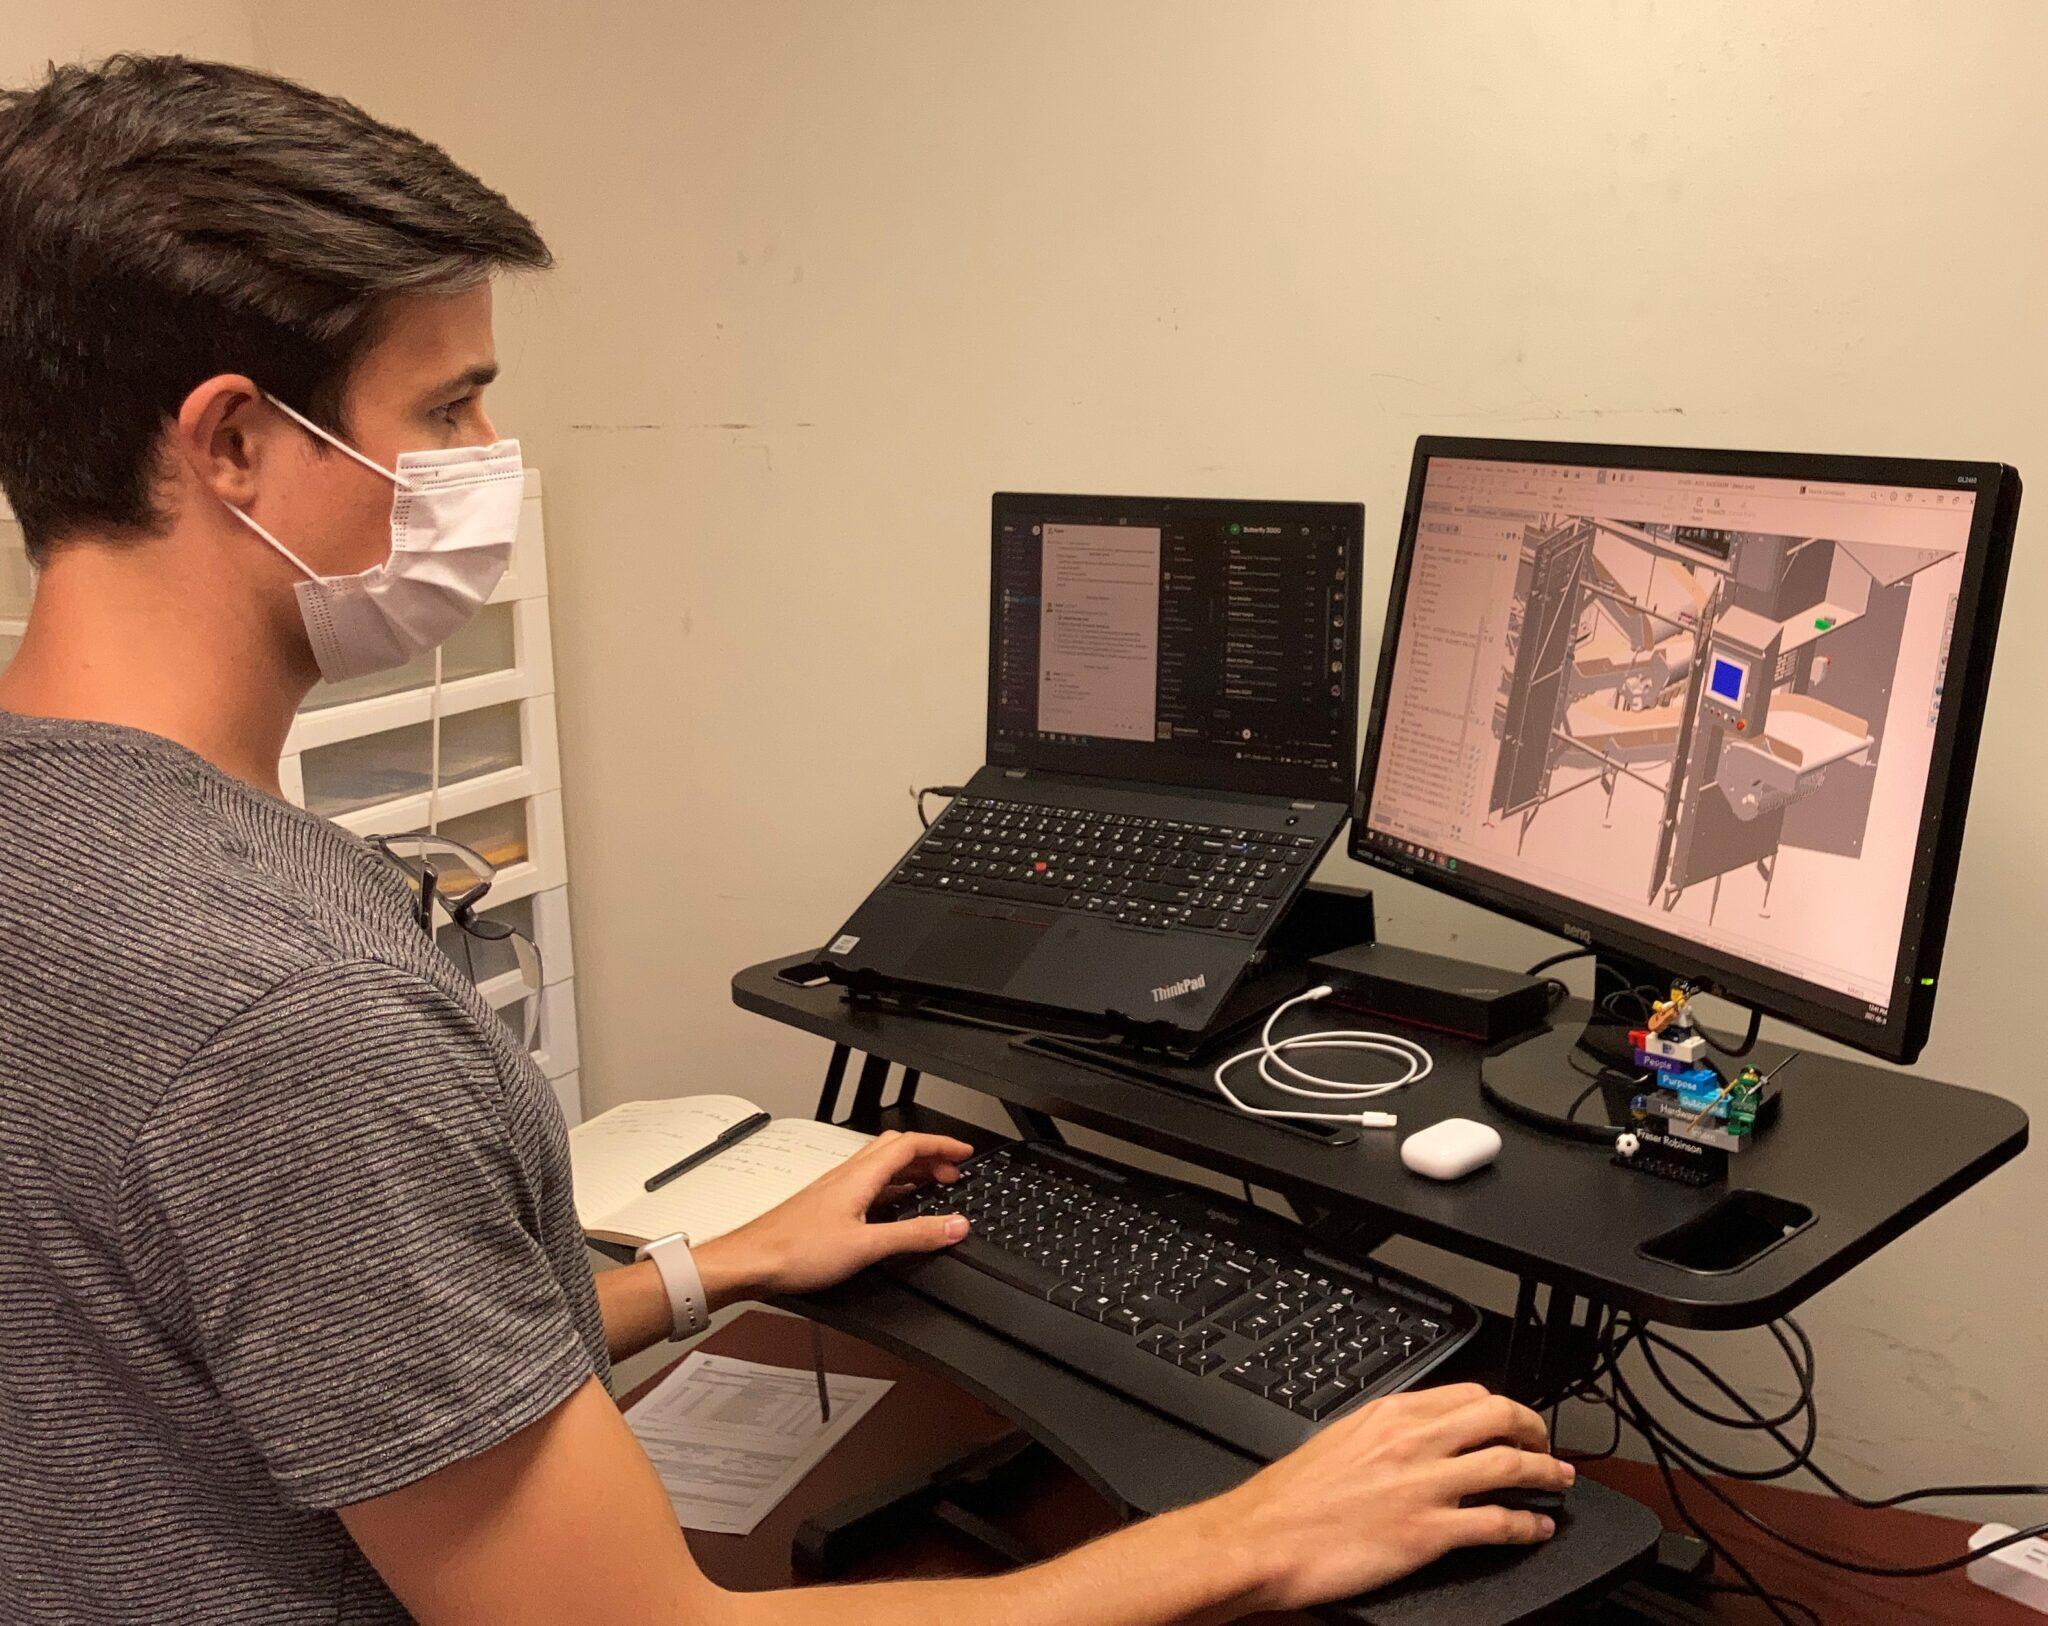 Fraser working on solidworks